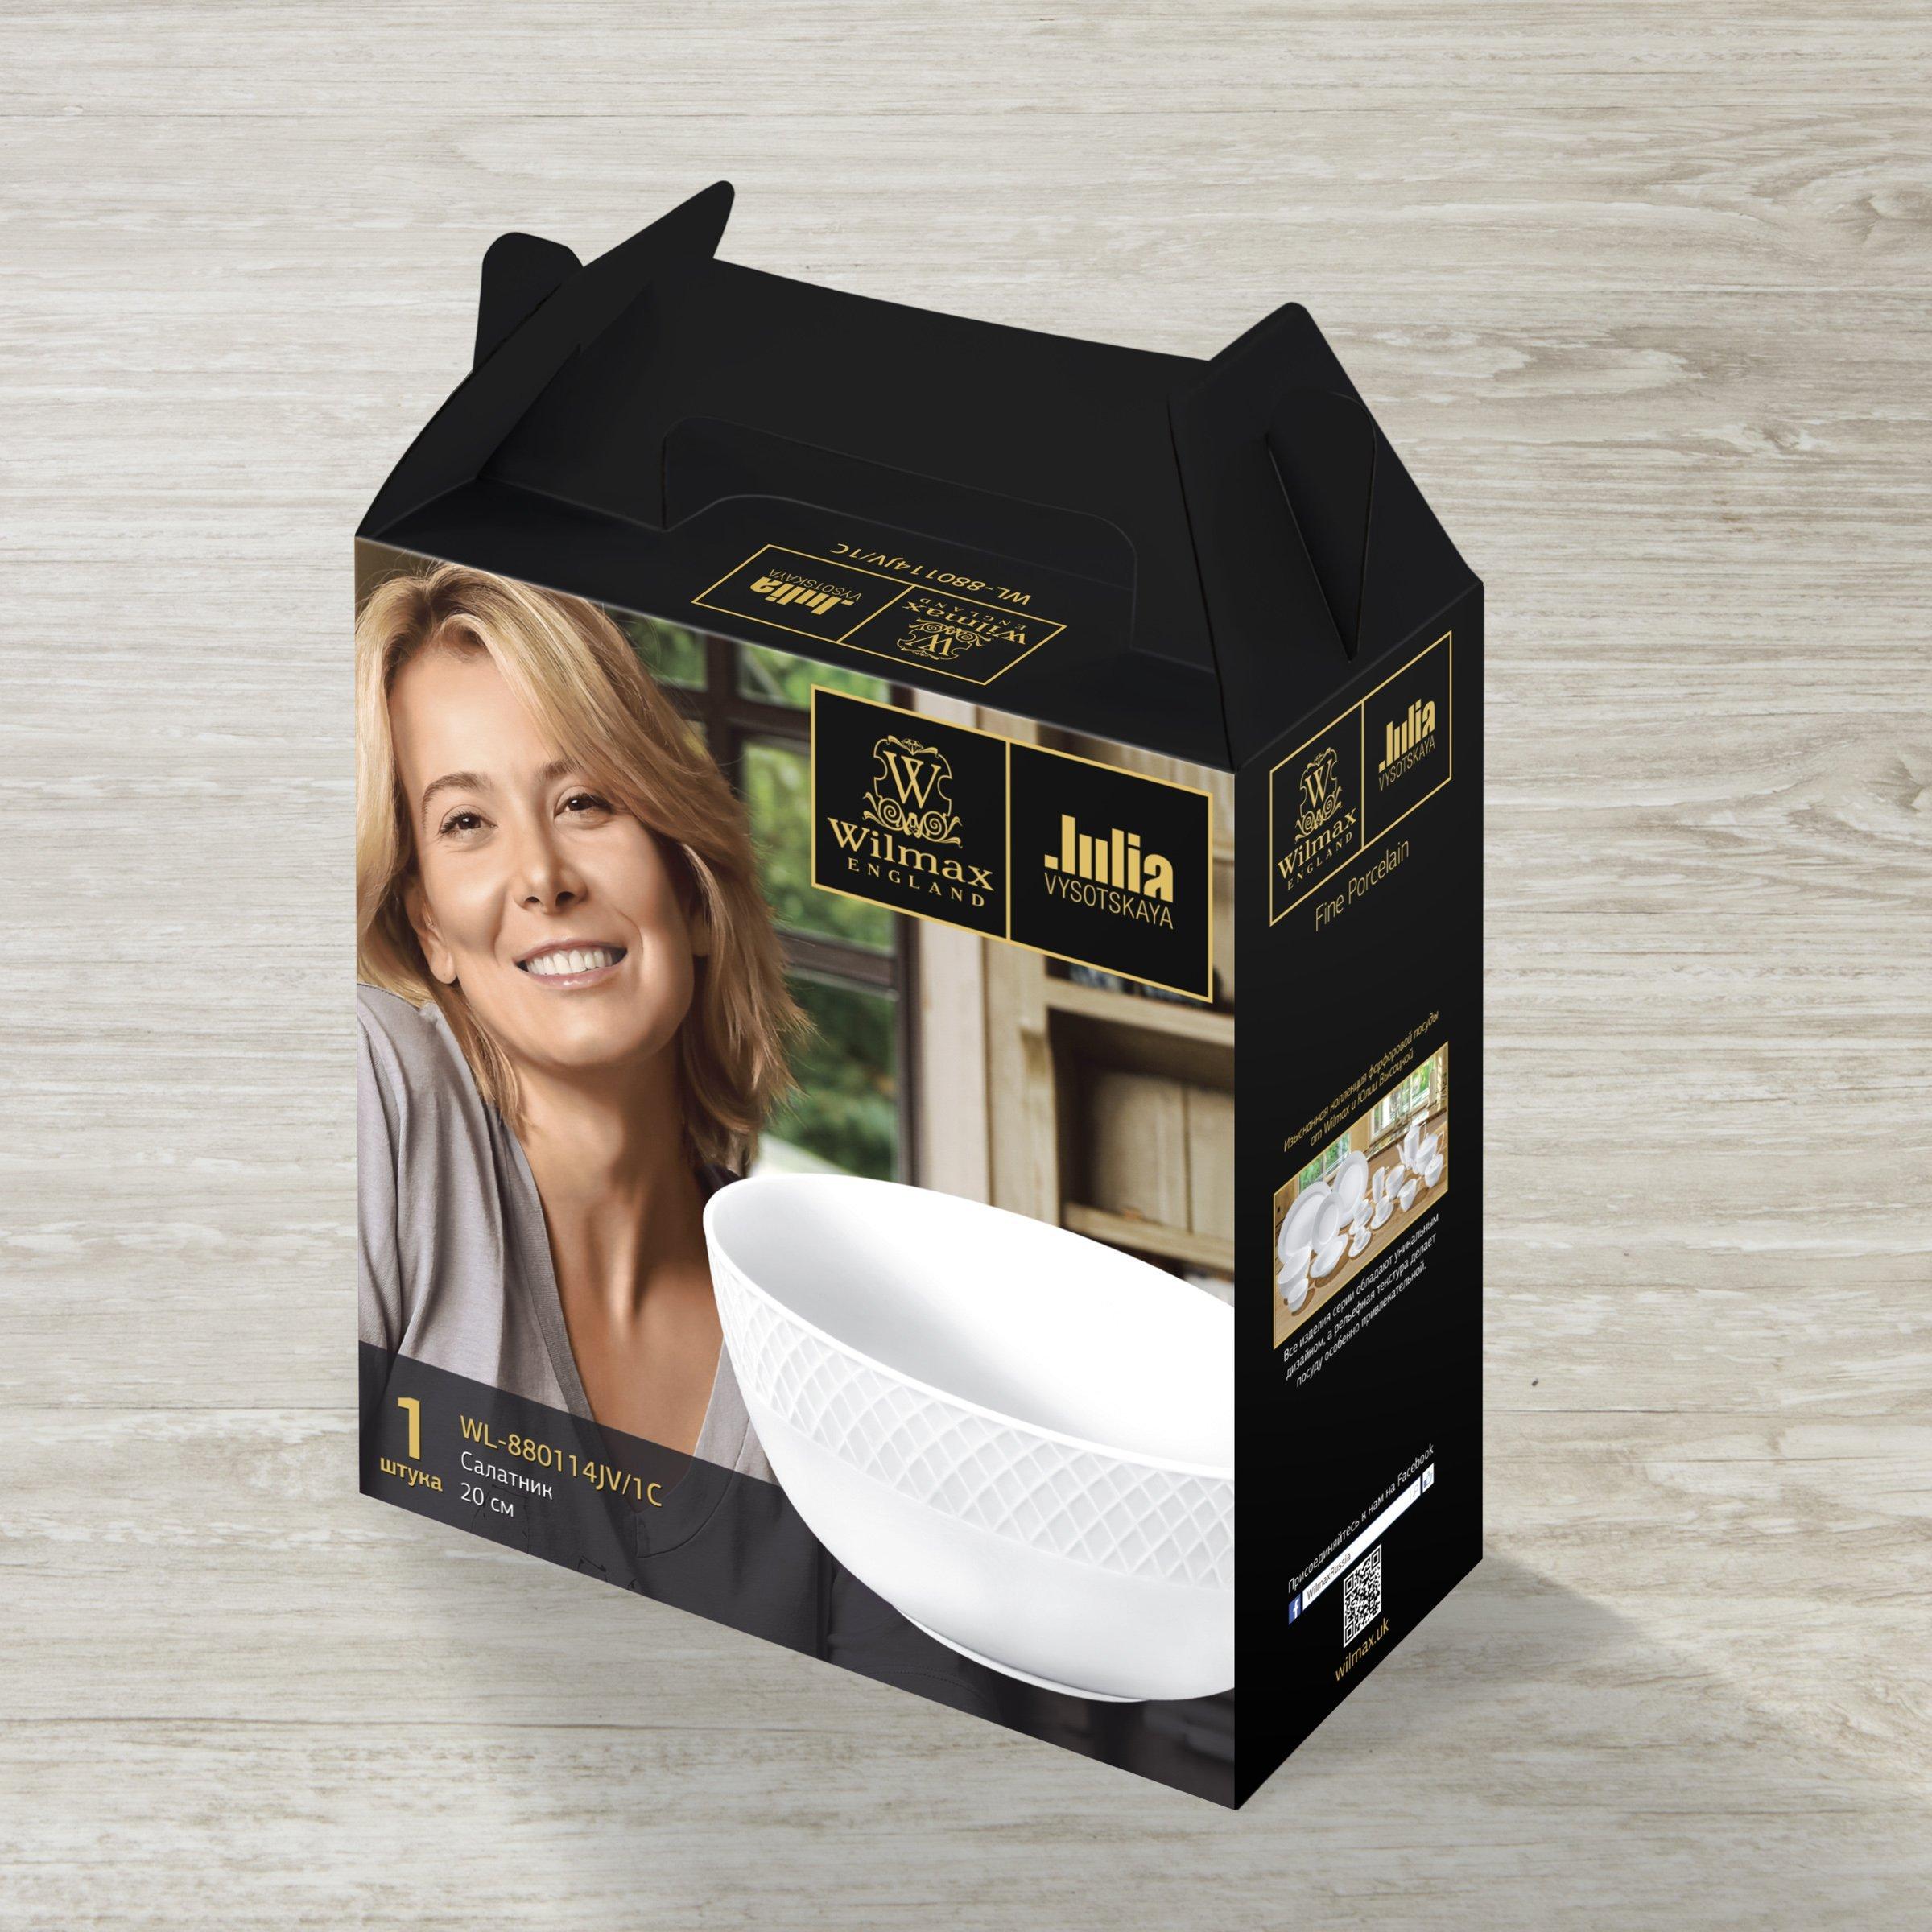 Салатник 20 см Wilmax от Юлии Высоцкой в подарочной упаковке